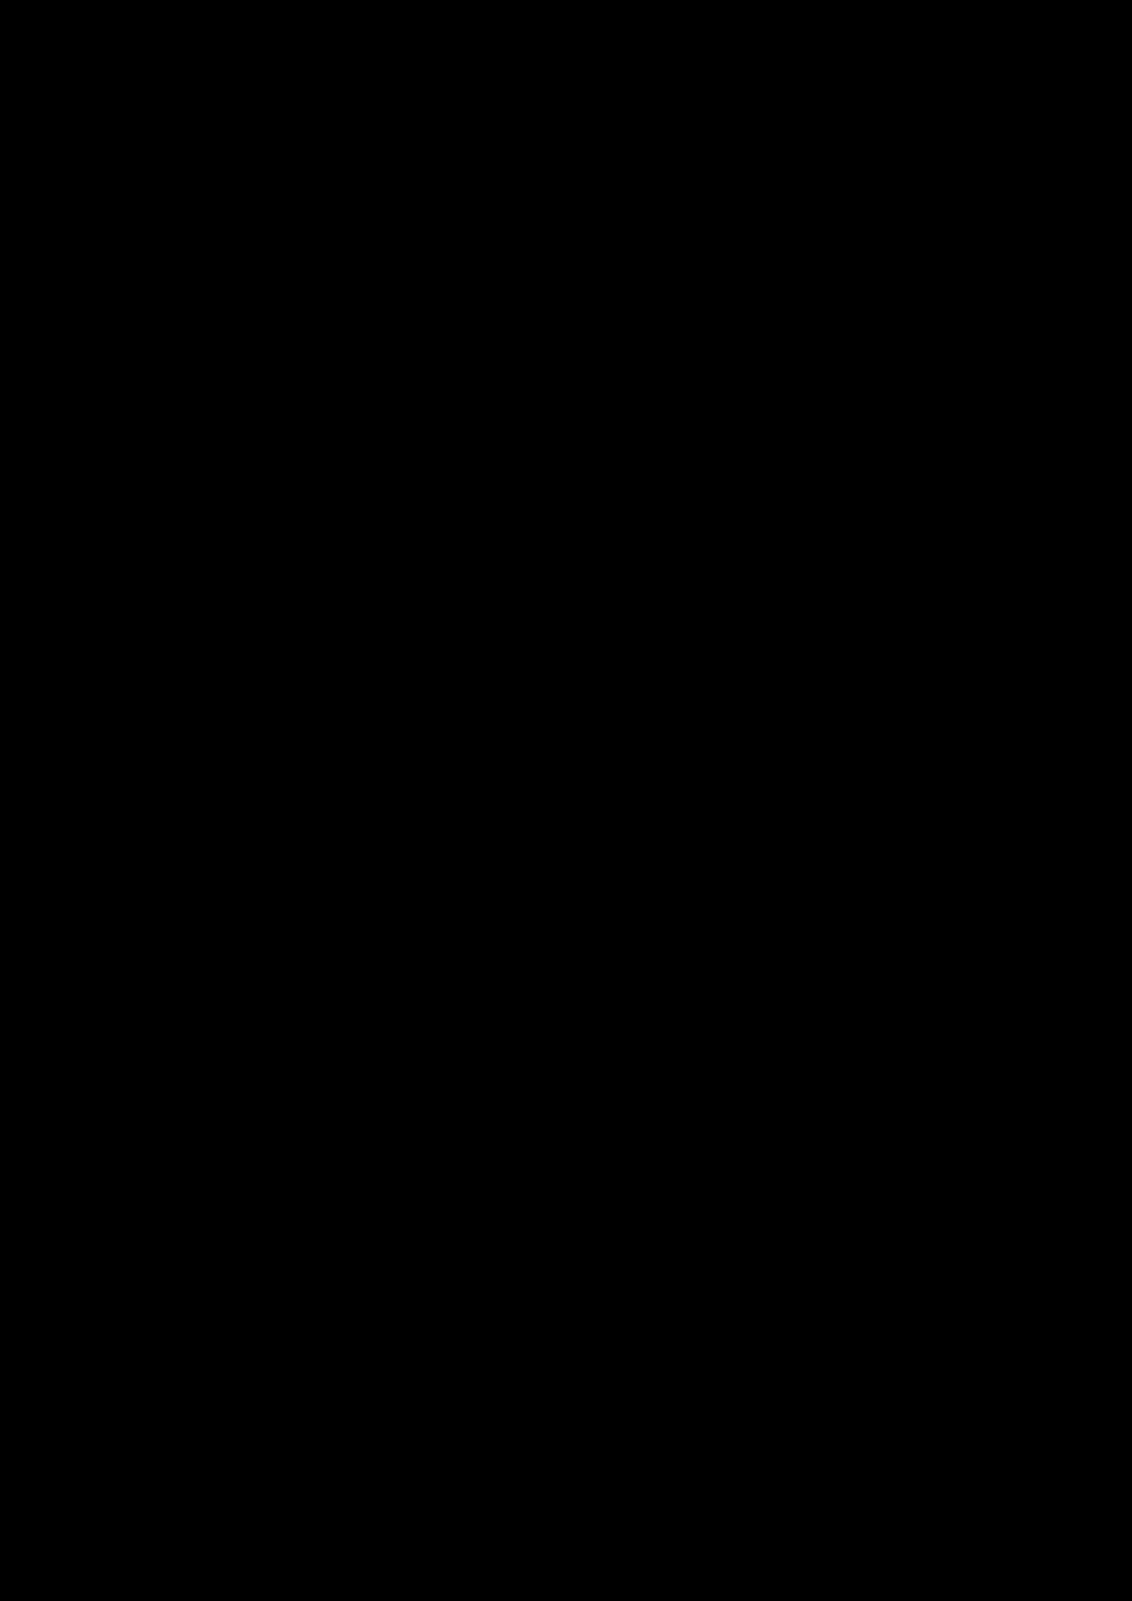 Zagadka volshebnoy stranyi slide, Image 96